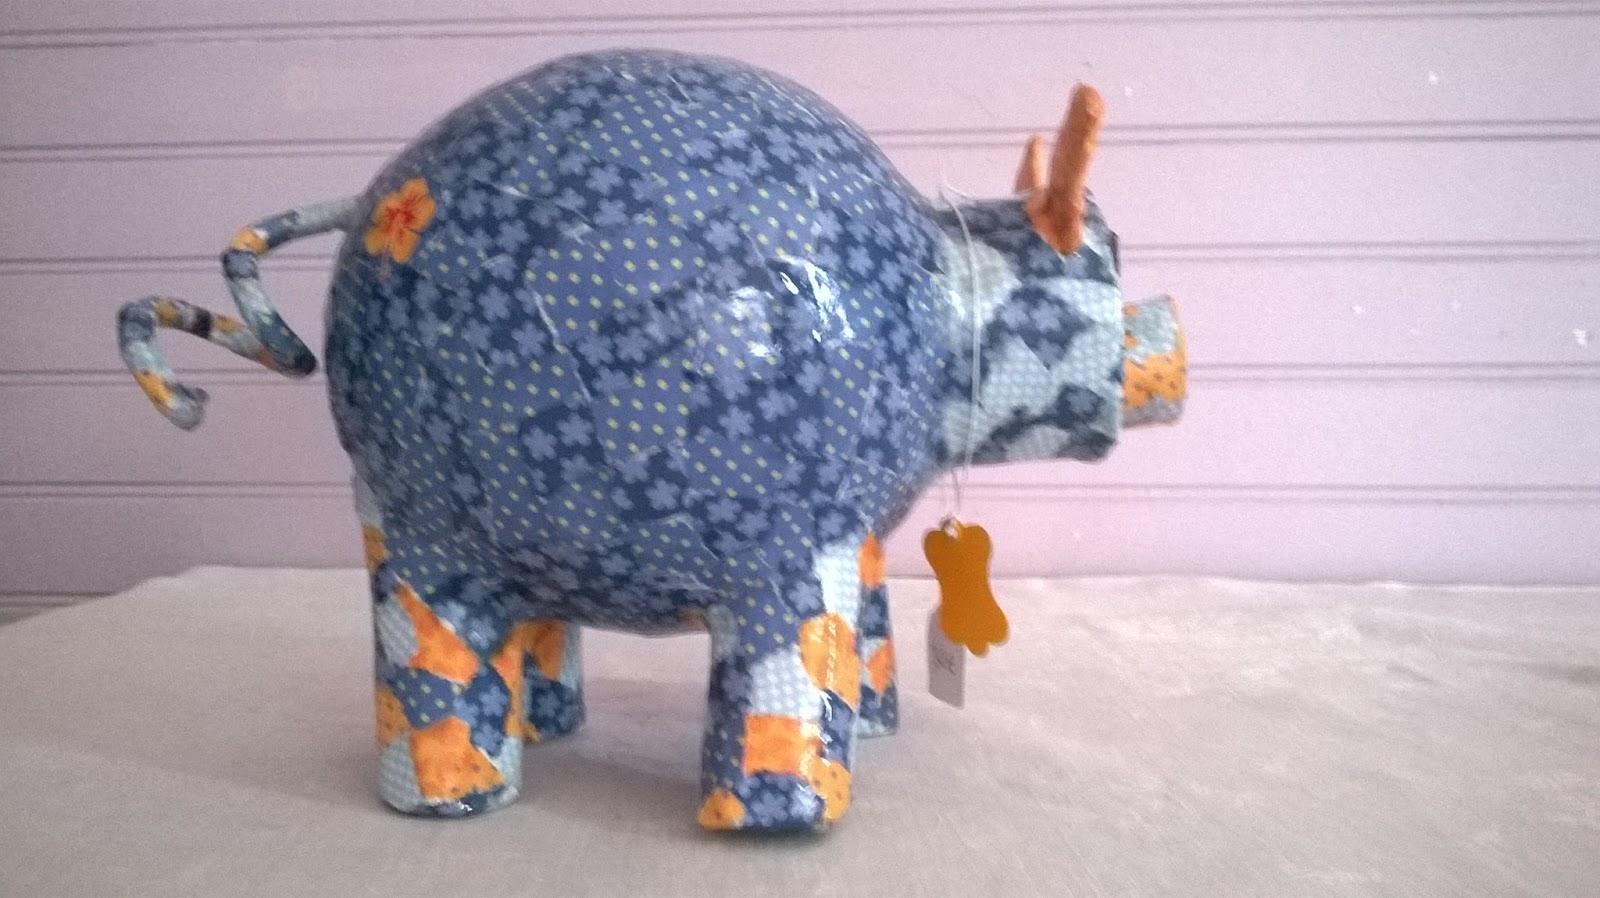 Pierre feuilles ciseaux un petit cochon pendu au plafond - Un petit cochon pendu au plafond ...